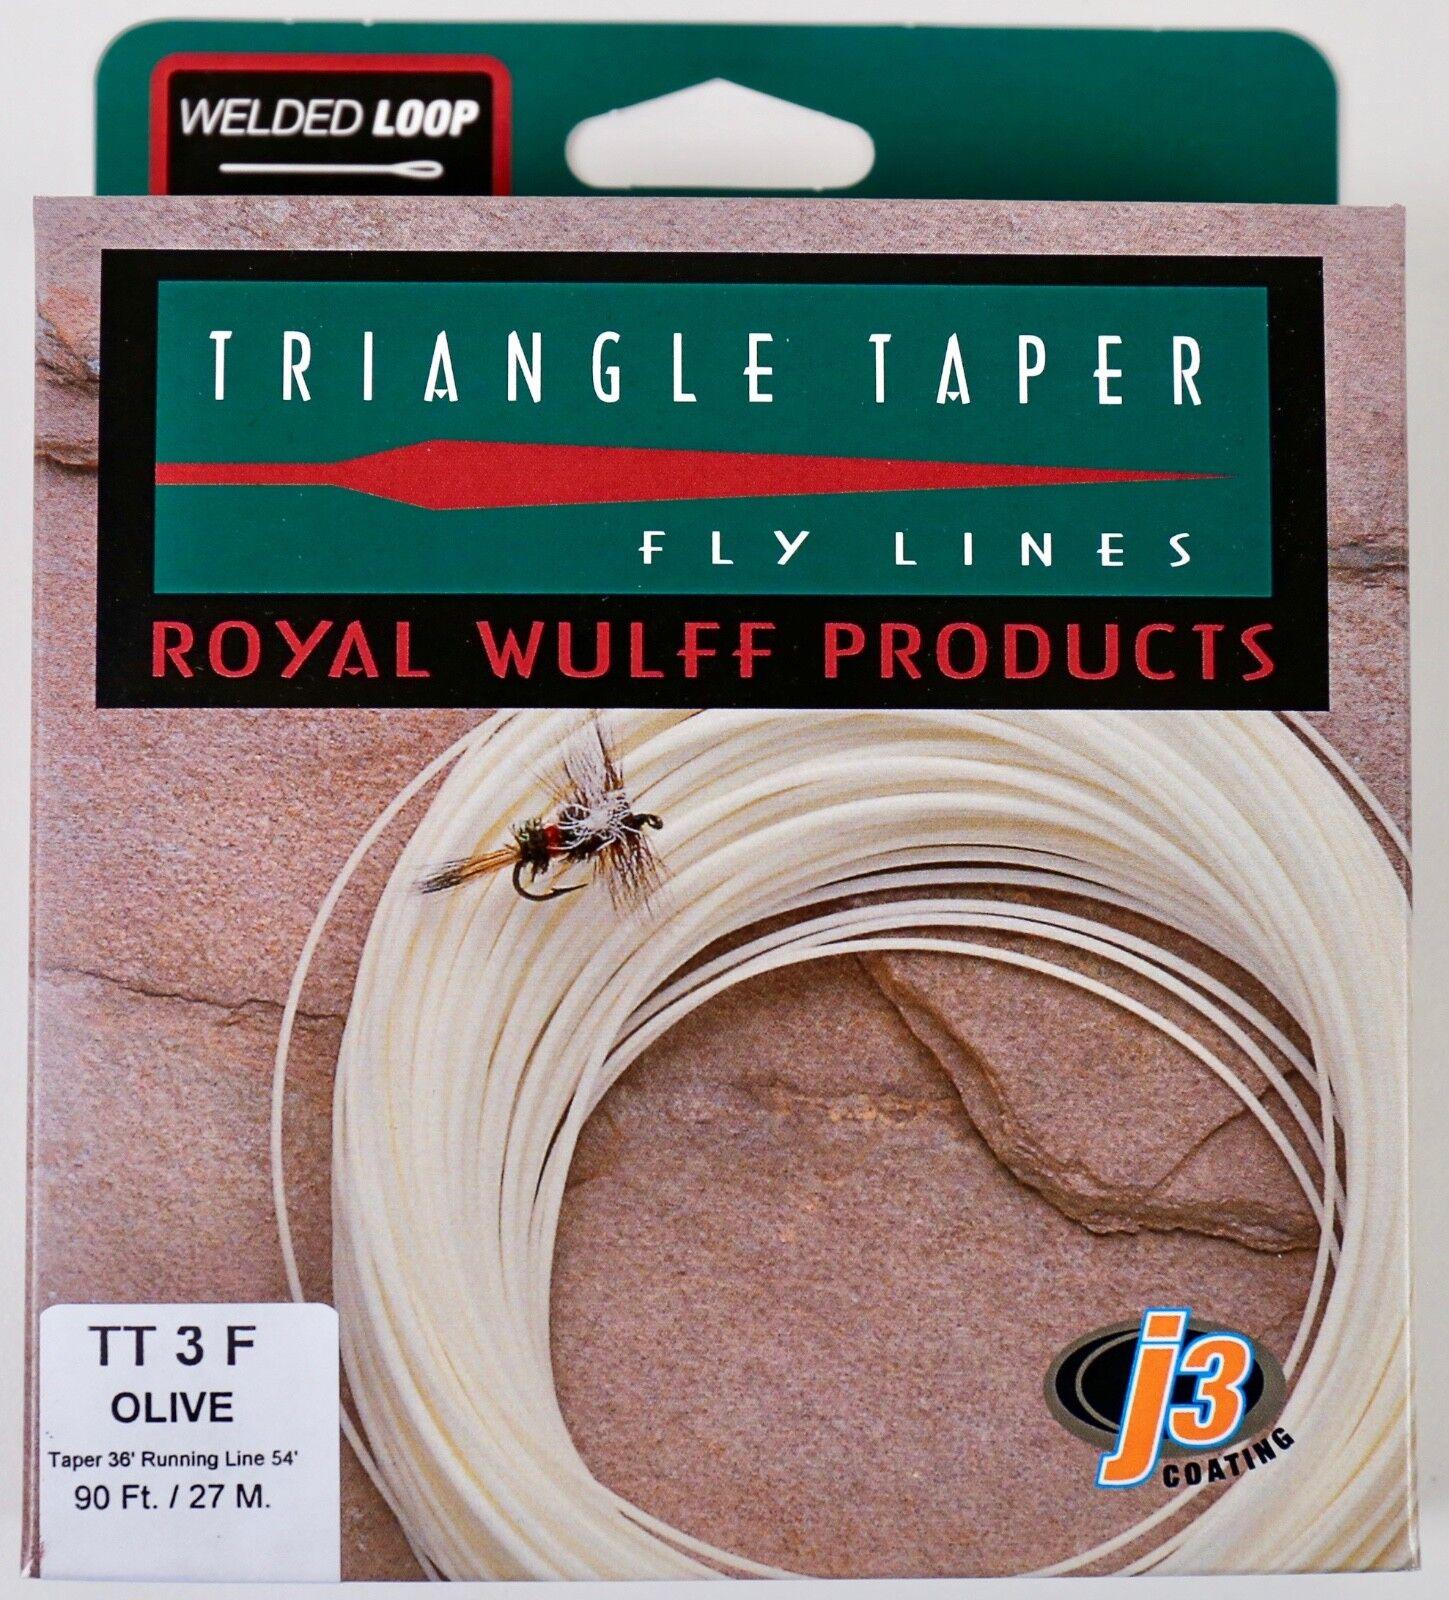 Royal Wulff Triangle Taper 4 WT Flotante Fly Línea Oliva Envío Gratis Rápido TT4FG